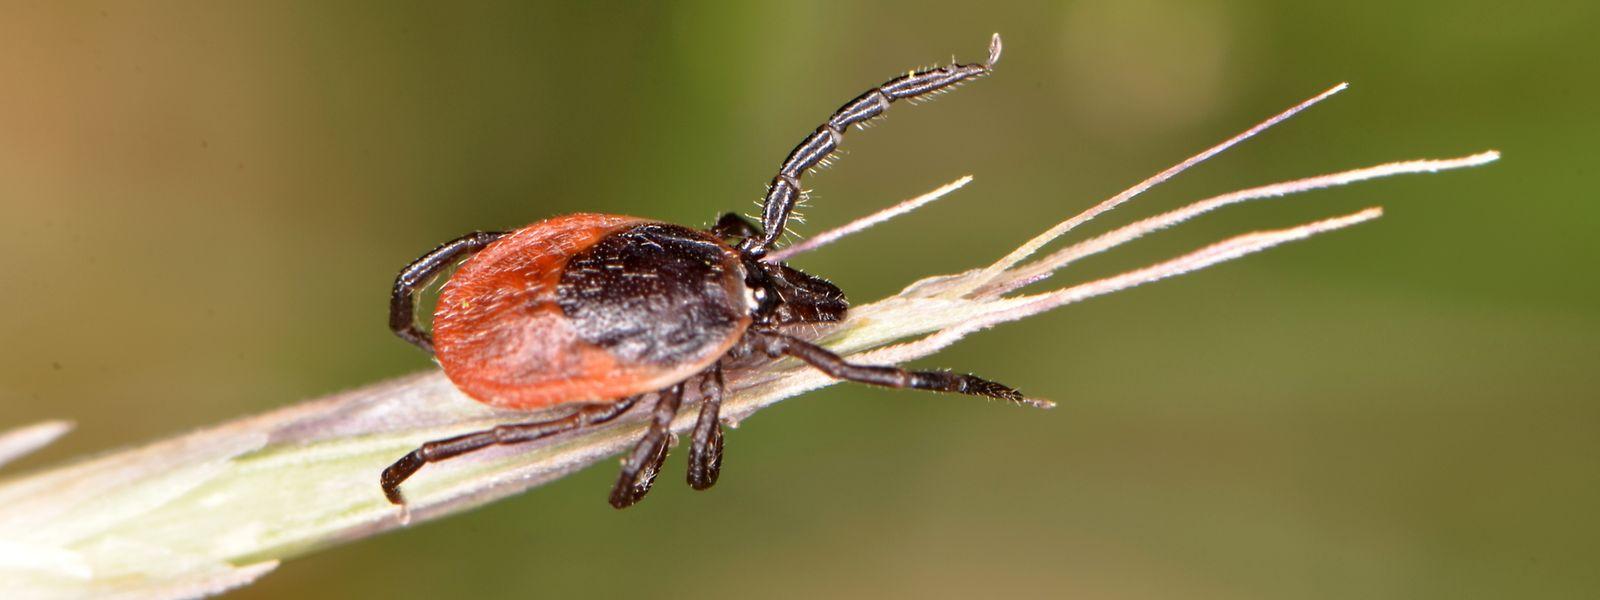 Mithilfe ihrer kleinen Widerhaken verankern die Zecken sich in der Haut.